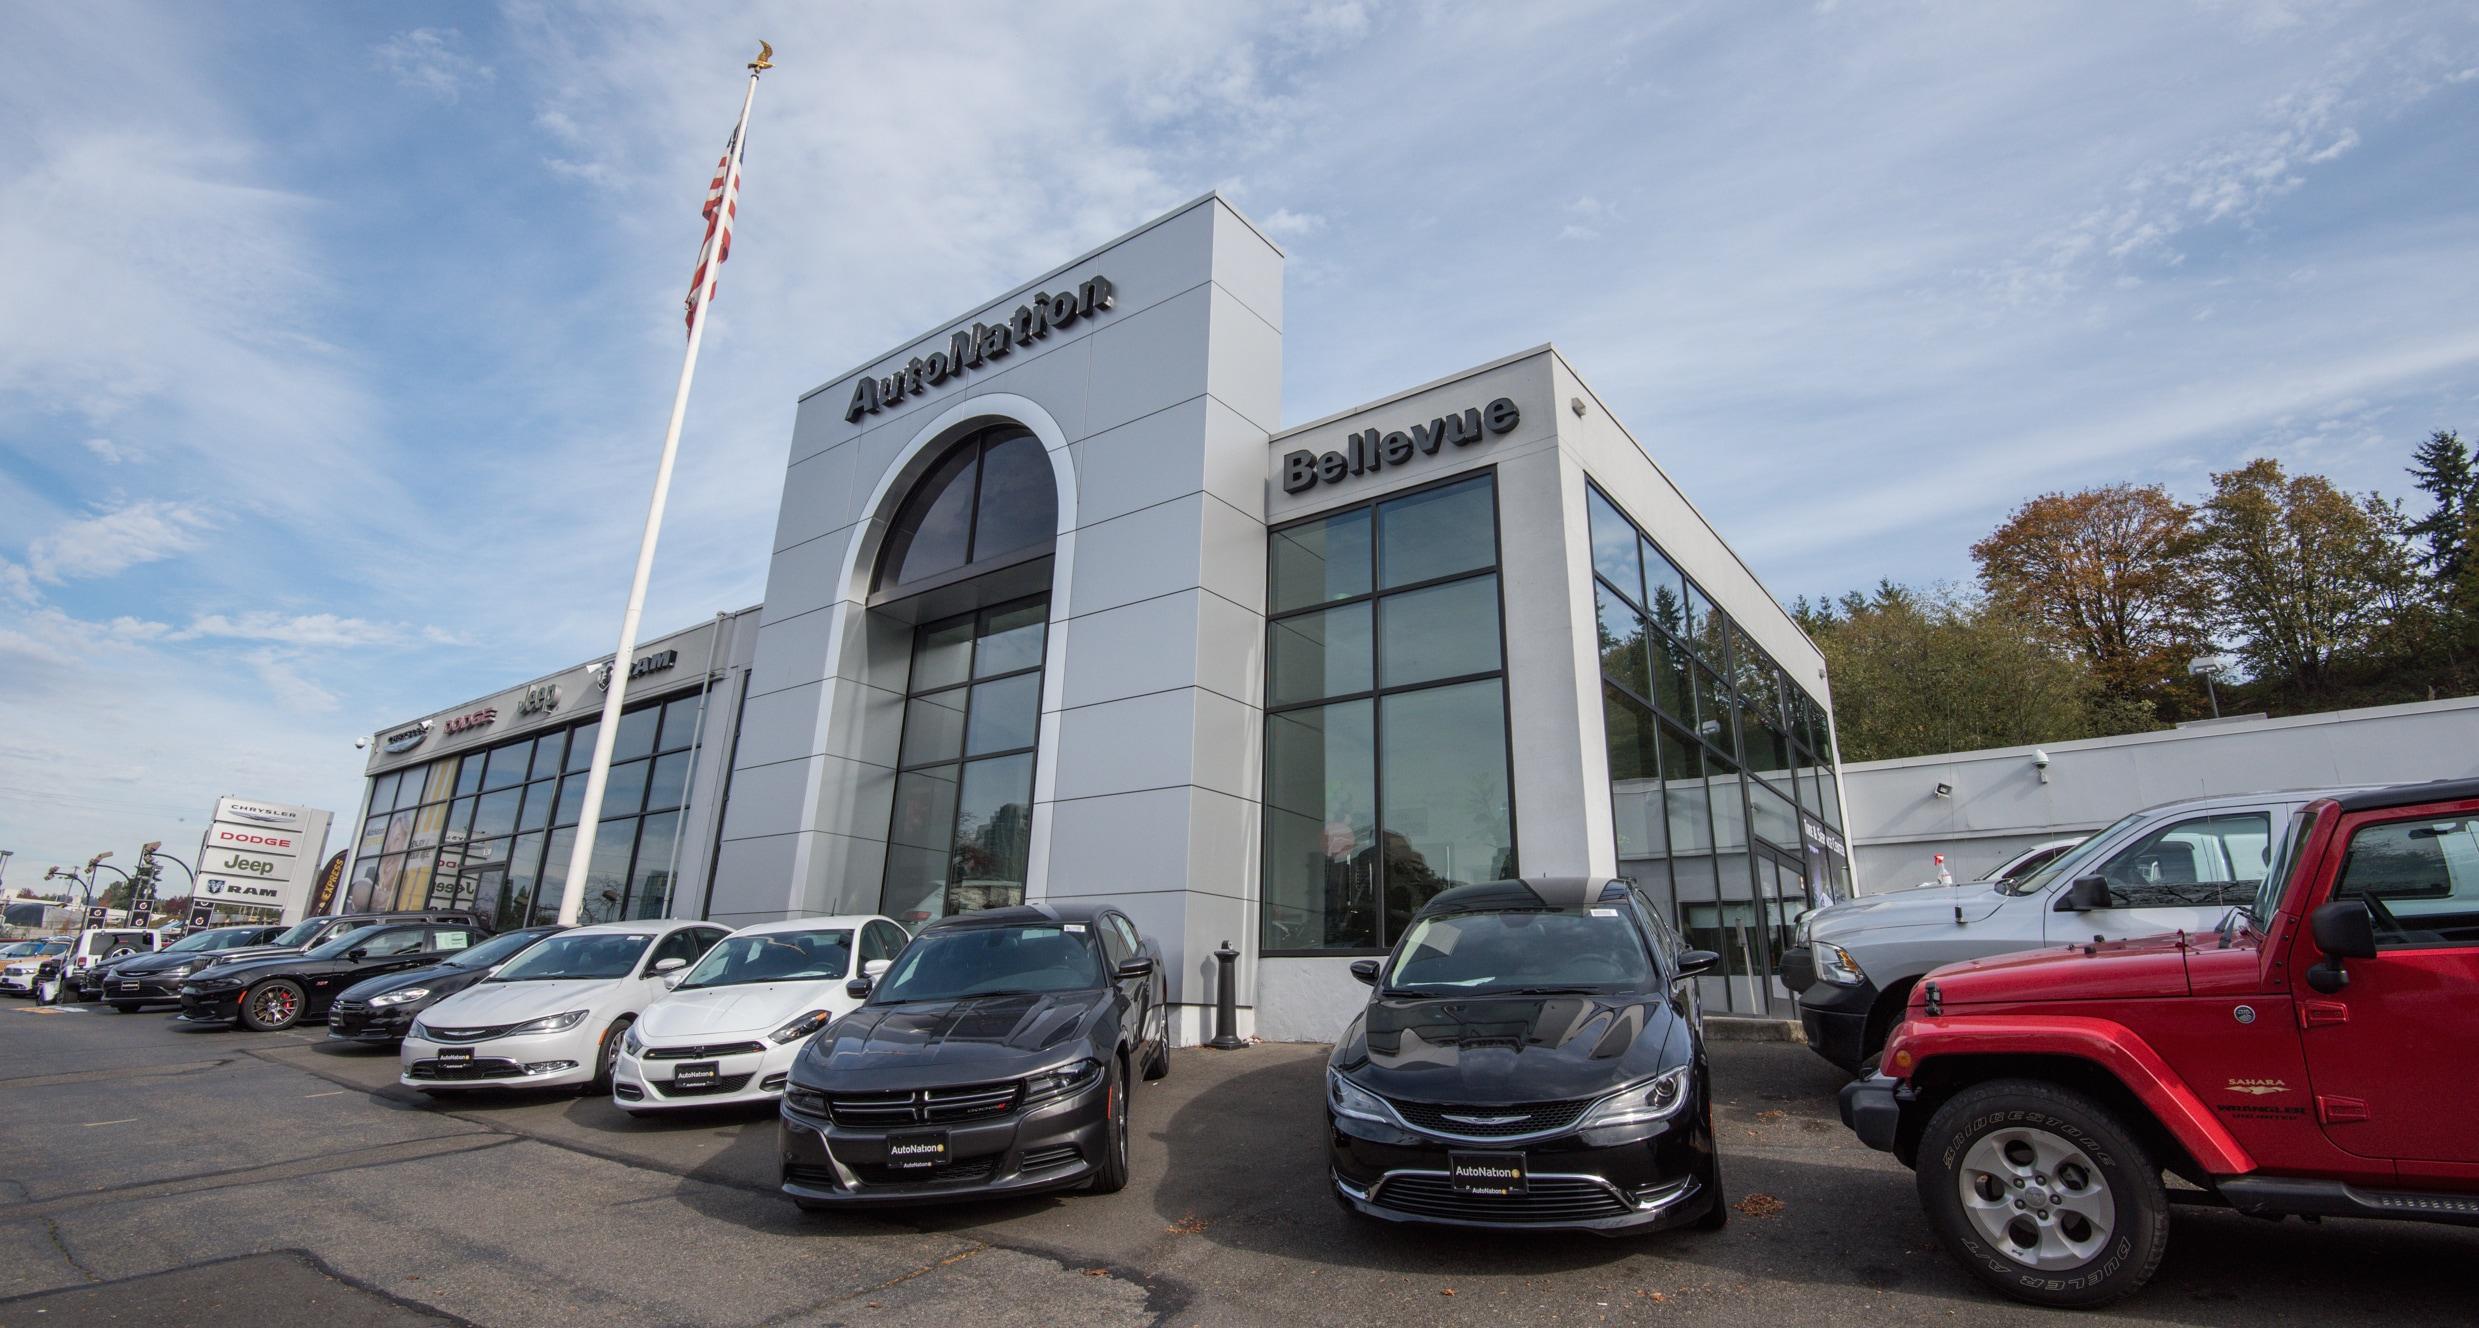 Autonation Jeep Dodge Ram >> About Autonation Chrysler Dodge Jeep Ram Bellevue Bellevue Wa